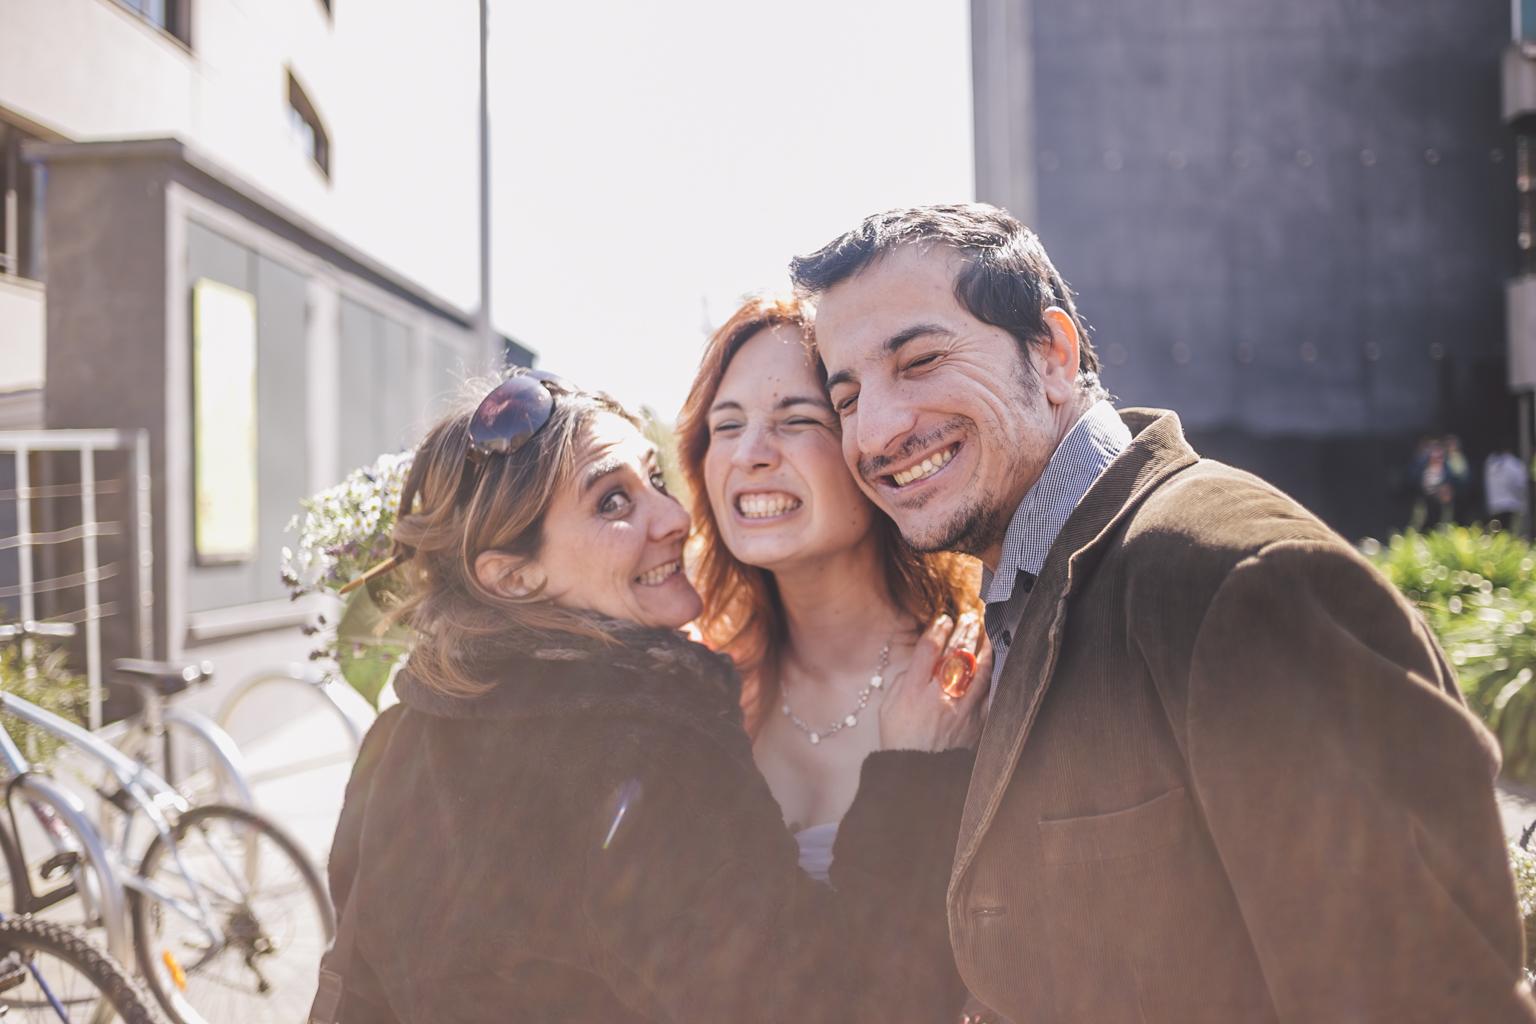 fotógrafo de boda sant cugat :: fotógrafía de boda monestir de sant cugat :: destiny wedding photographer :: fotografía de boda Cal Temerari :: Monasterio de Sant Cugat :: boda Ajuntament Sant Cugat